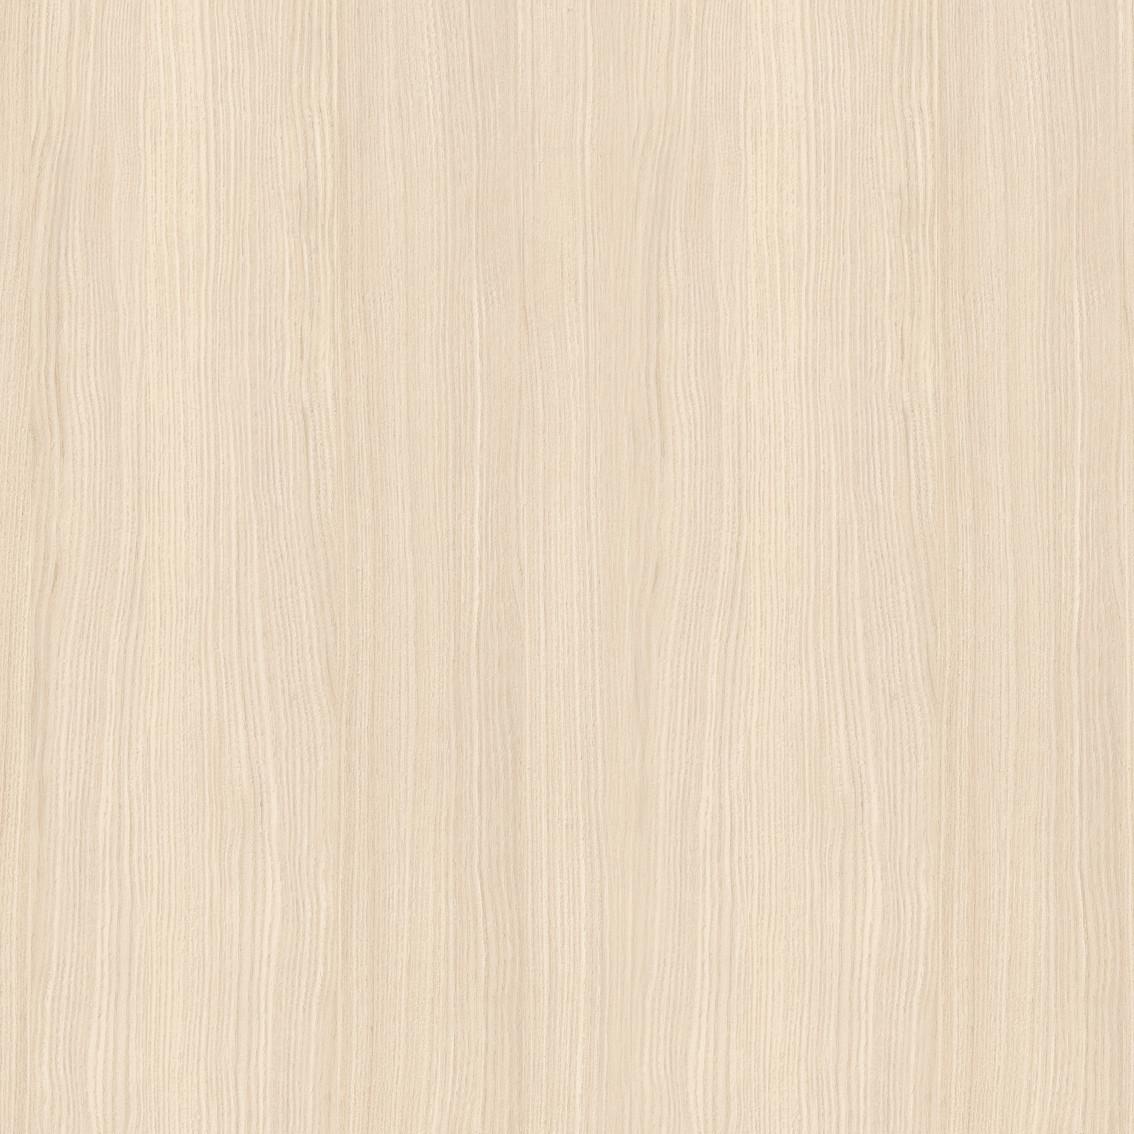 Плитка для підлоги Karelia бежевий 300x300x8 мм